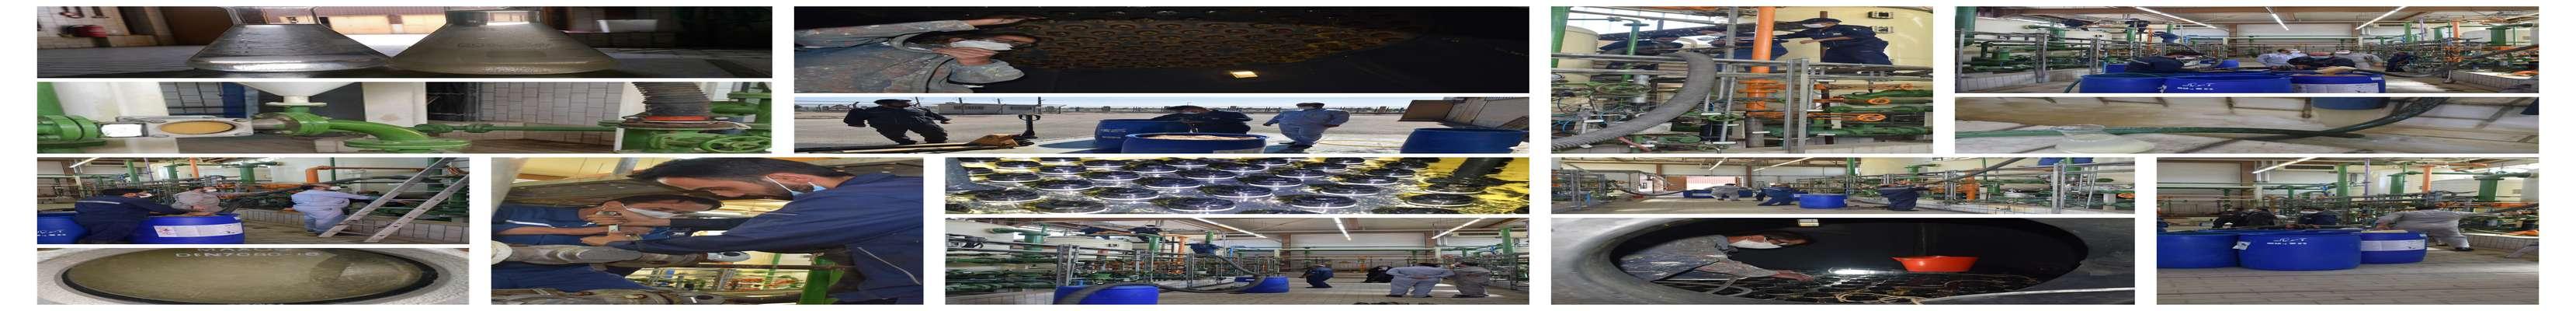 انتقال و بکواش رزین های آنیونی تصفیه آب نیروگاه طوس، توسط امور شیمی با همکاری امور مکانیک